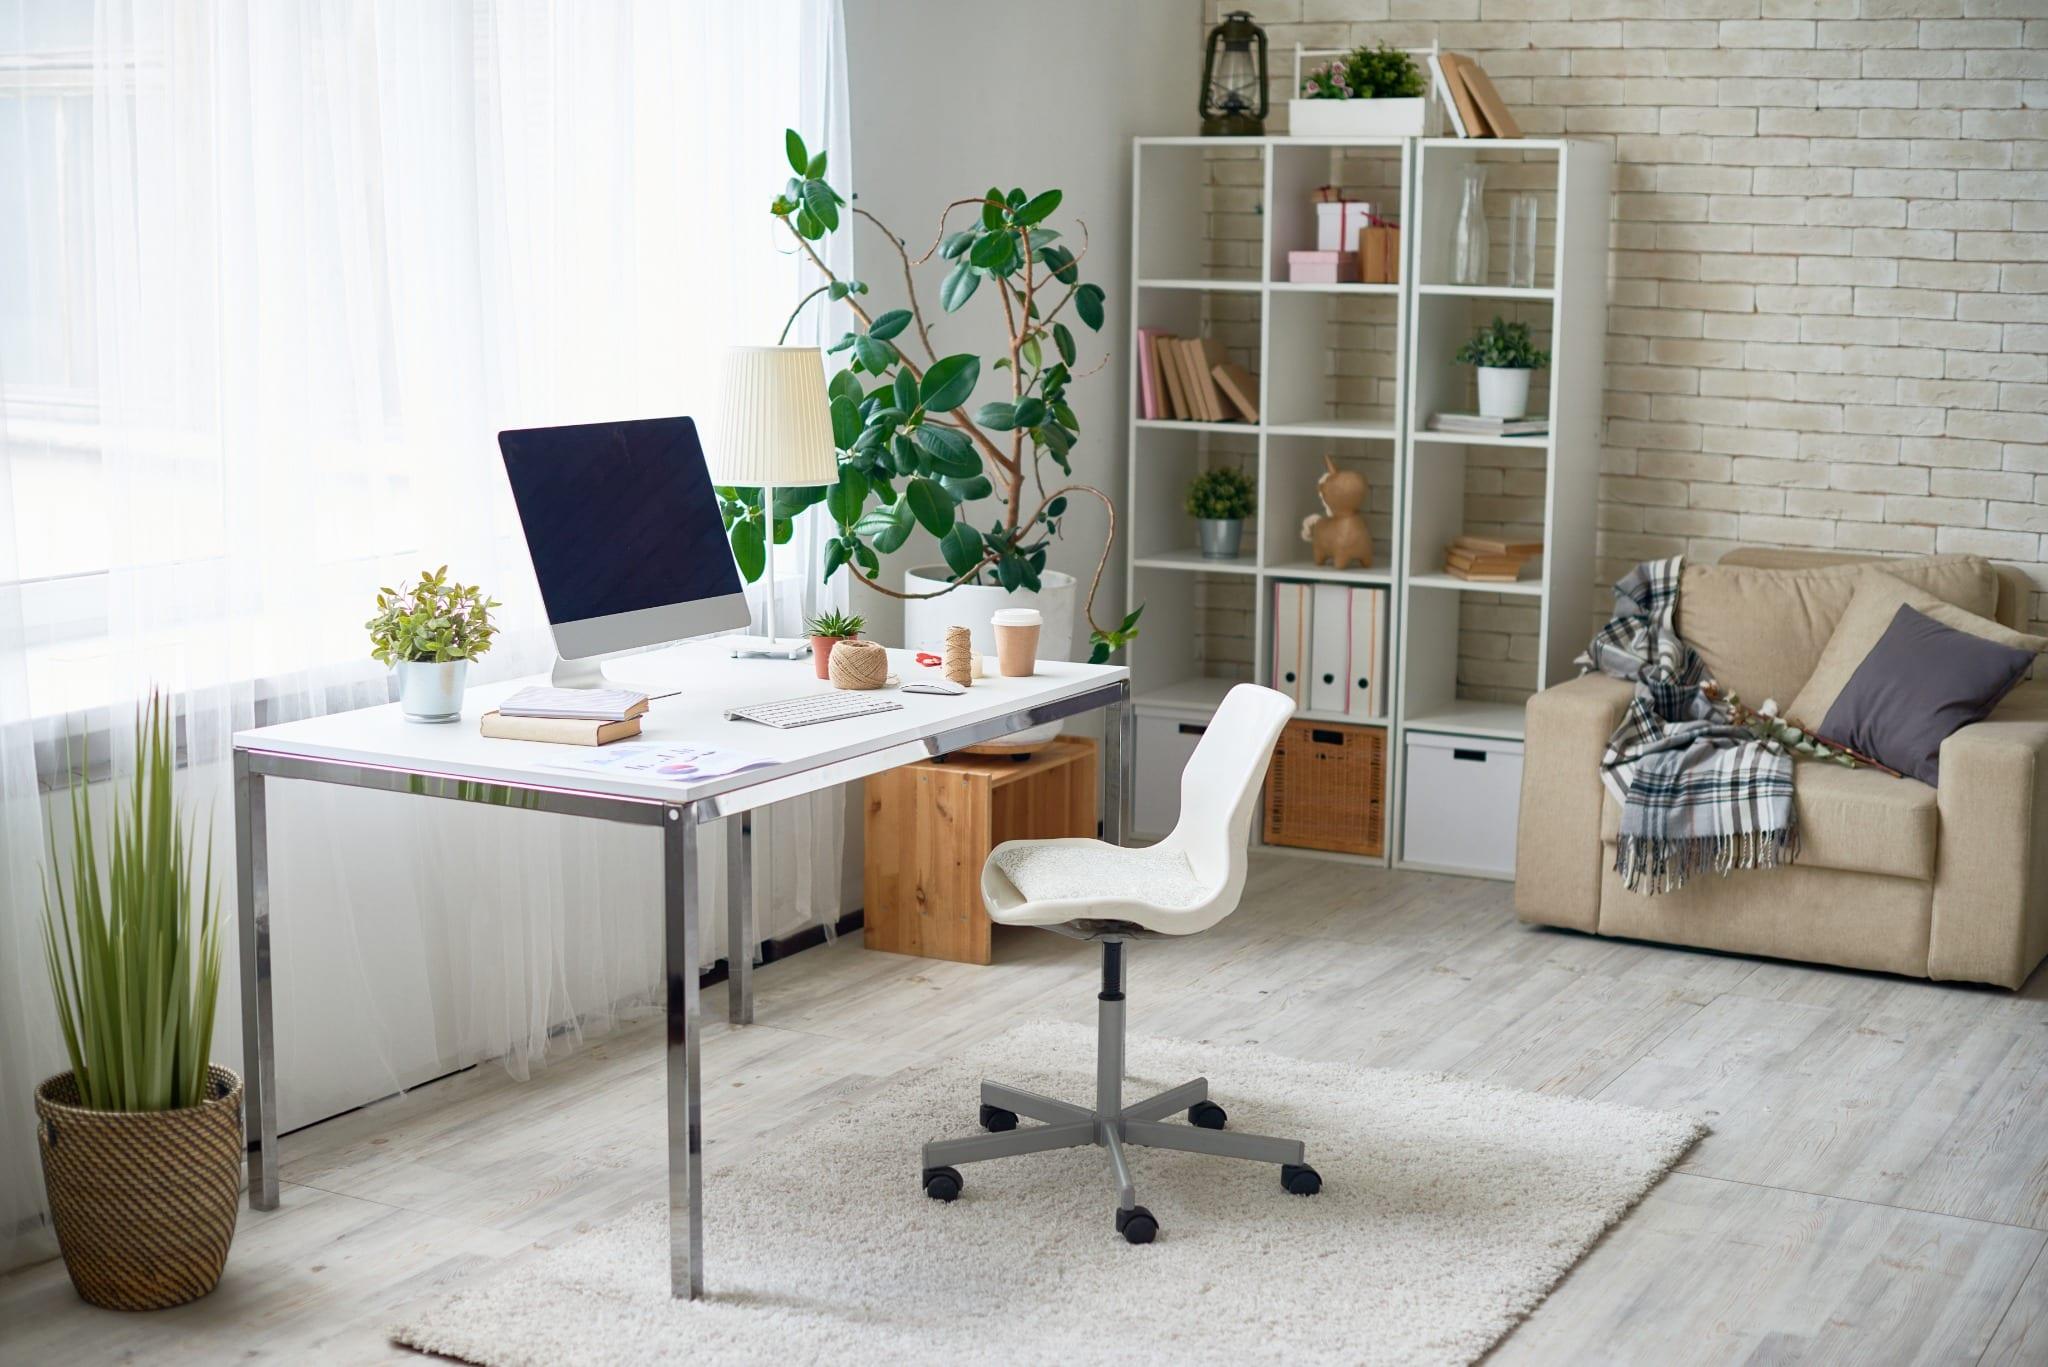 7 cách thiết kế phòng làm việc tại nhà giúp nâng cao năng suất và tư duy sáng tạo - Ảnh 4.